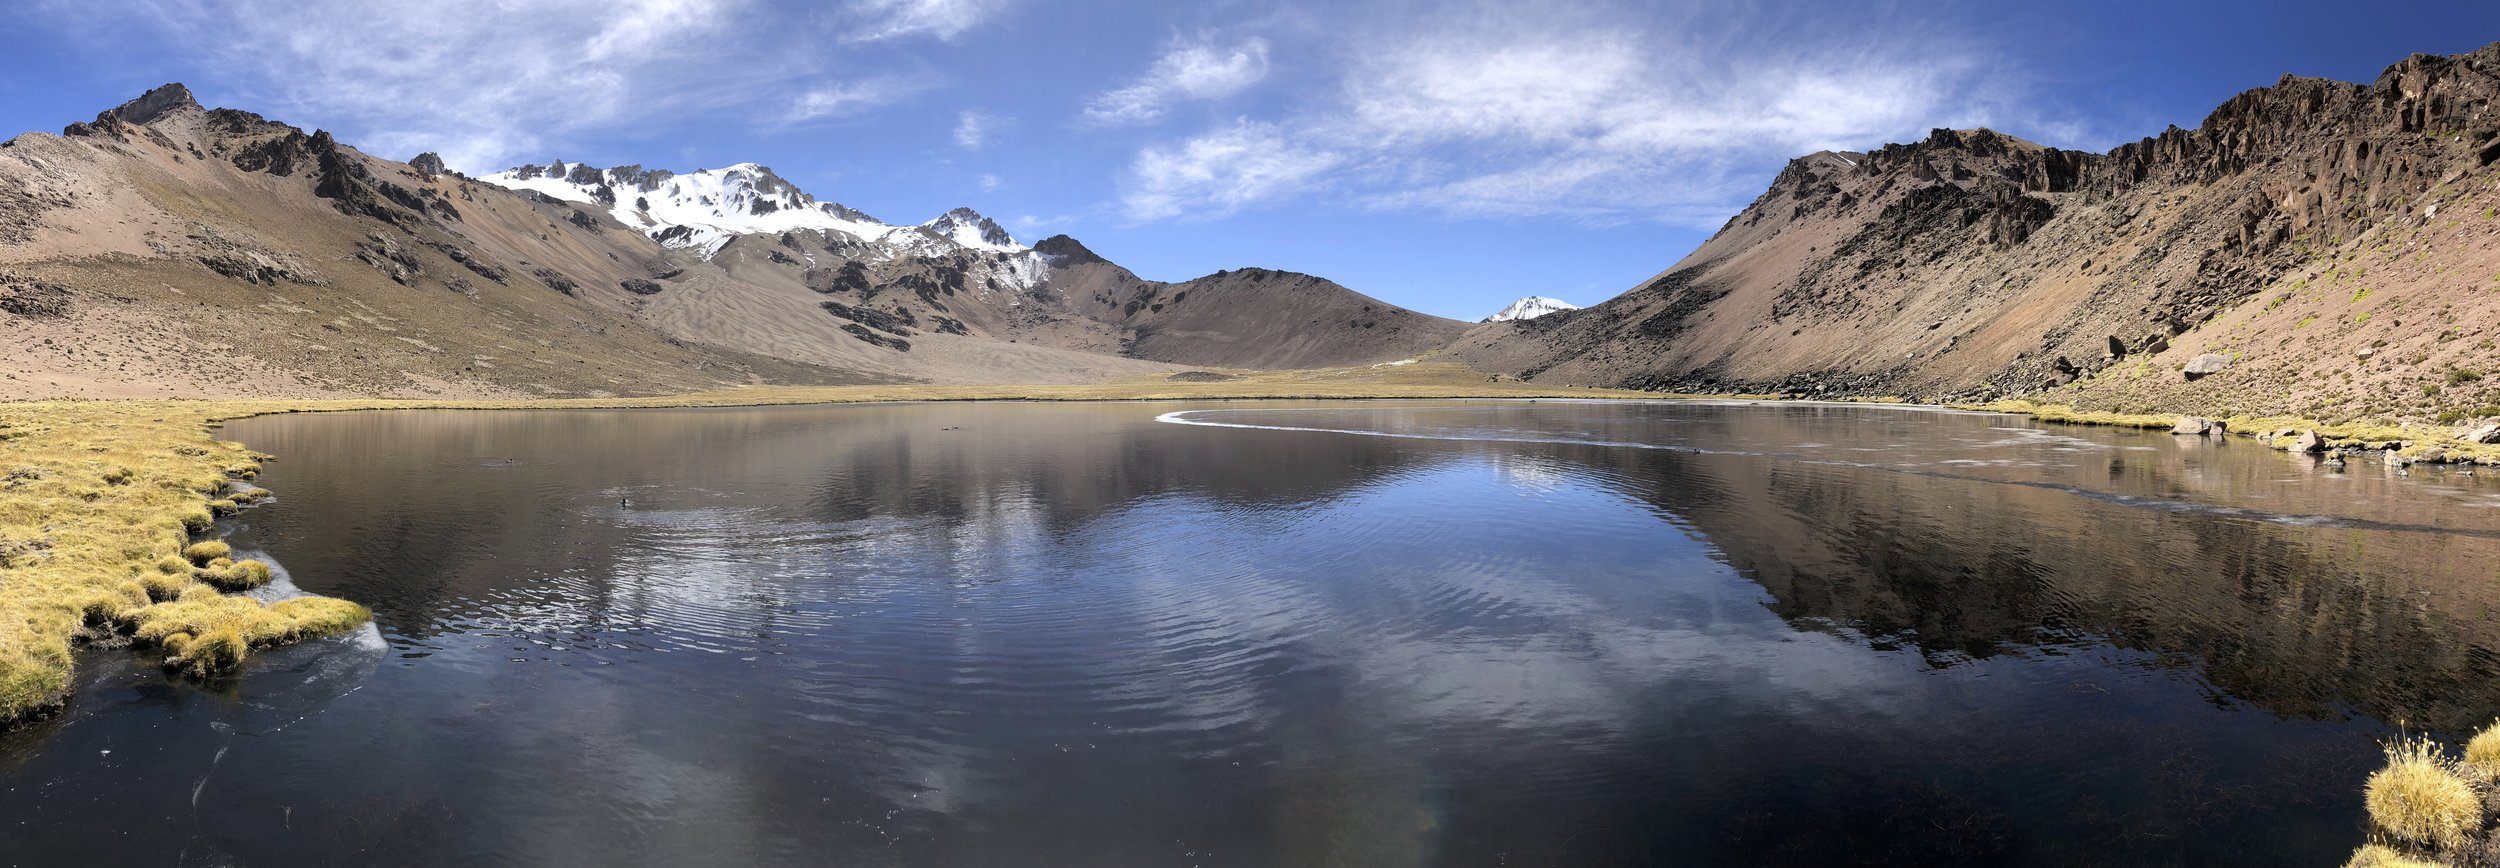 Laguna Atla in Lauca National Park in Chile